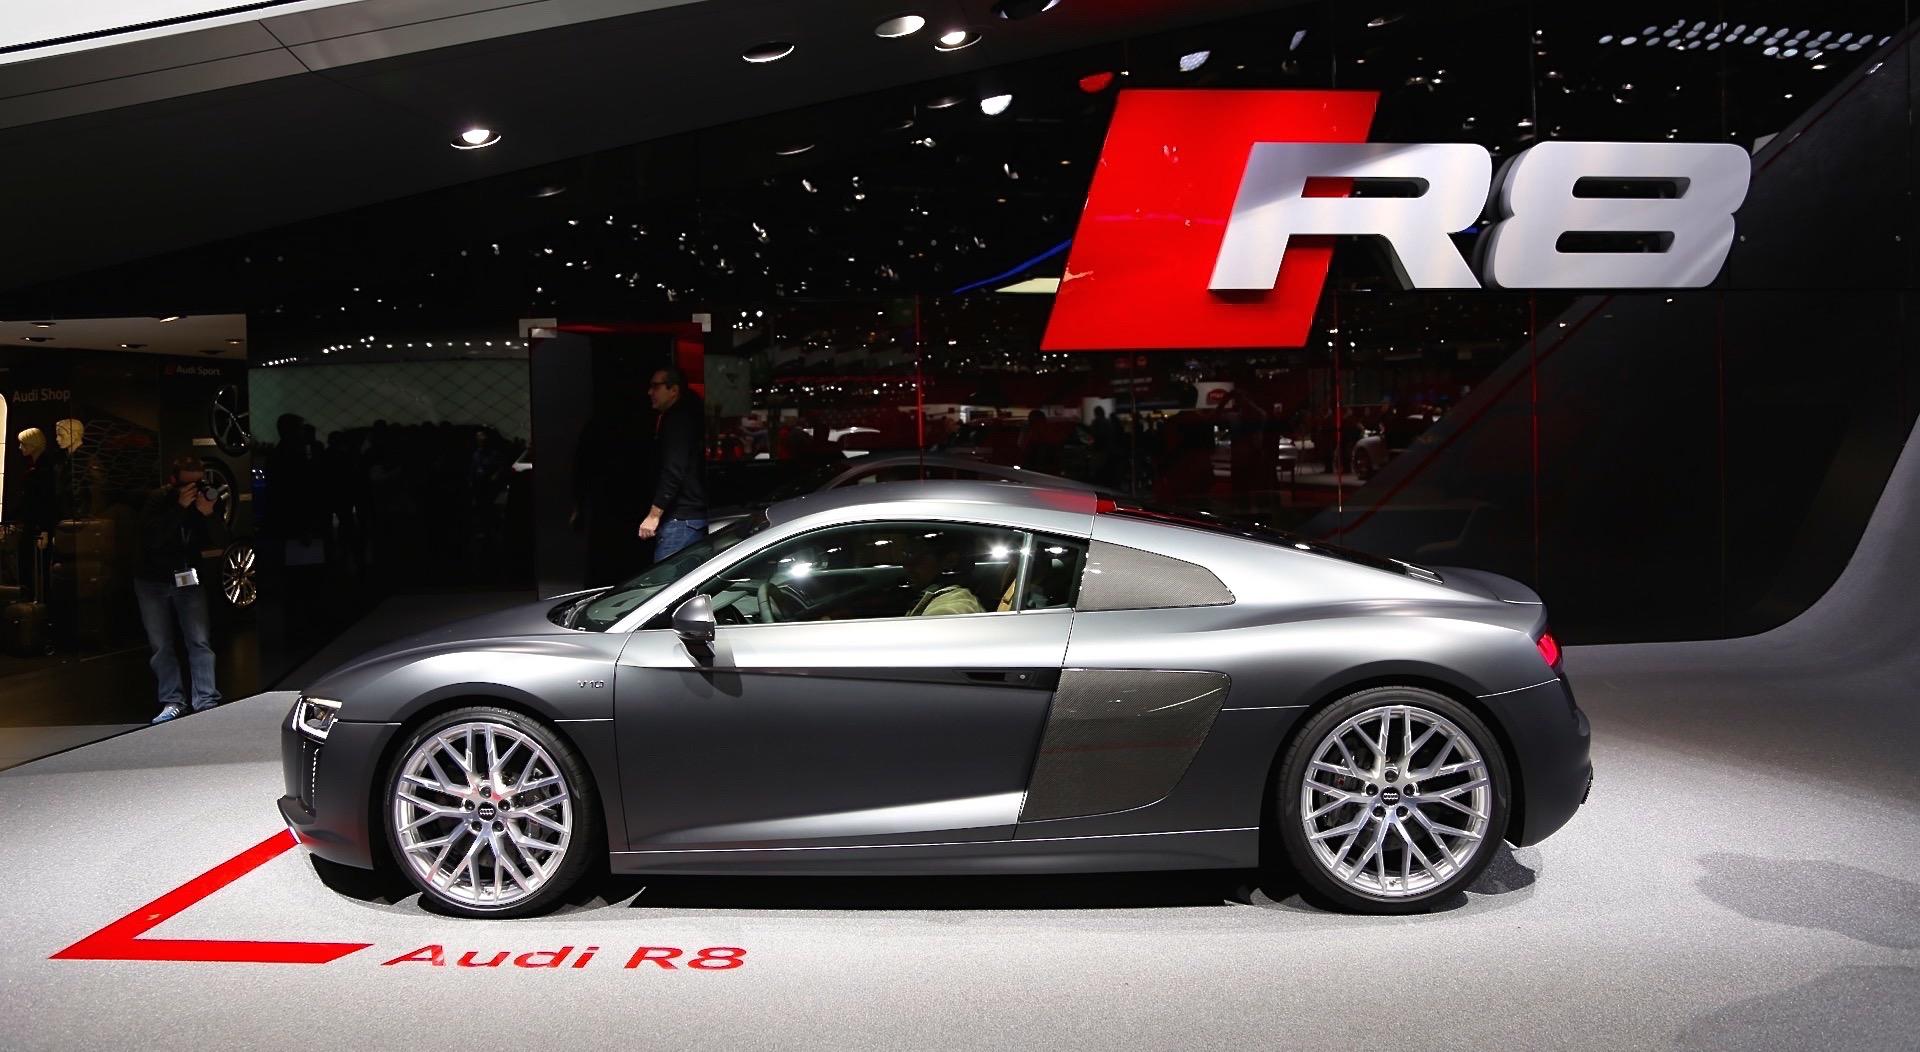 Kelebihan Kekurangan Audi R8 2017 Tangguh